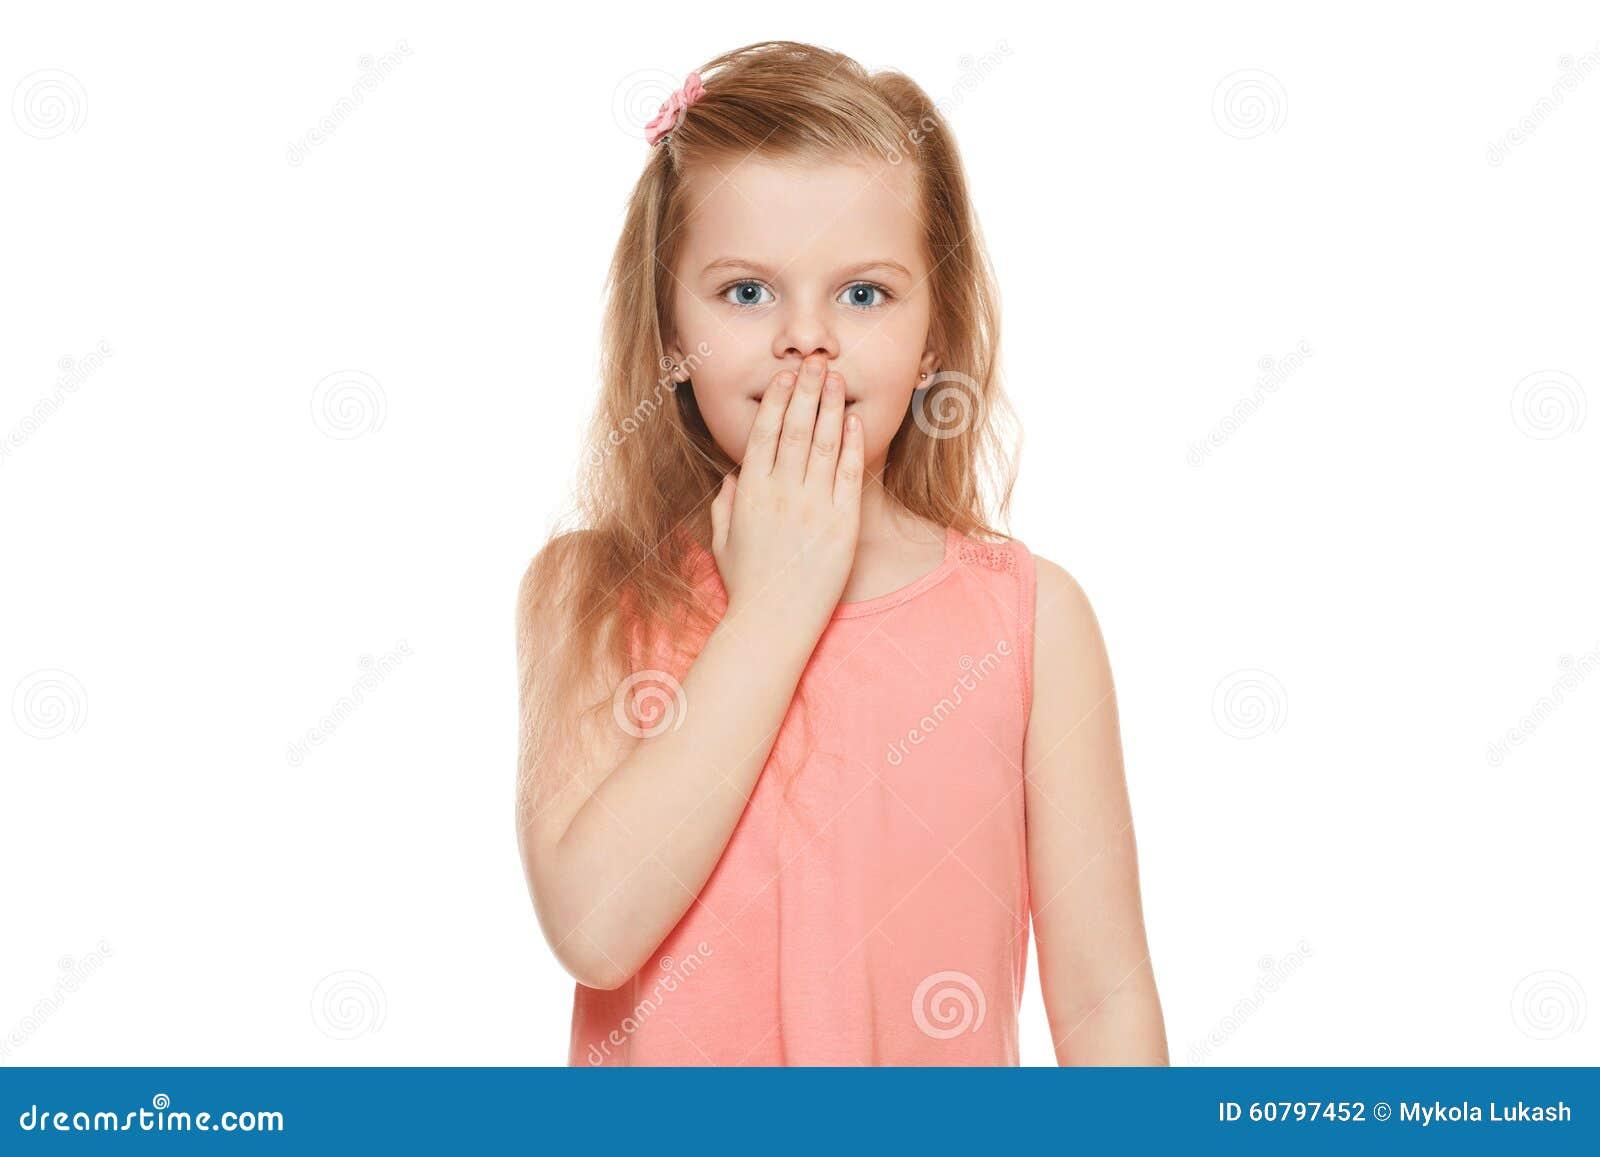 Λίγο χαριτωμένο κορίτσι έκπληκτο κλείσιμο του στόματός της, που απομονώνεται στο άσπρο υπόβαθρο